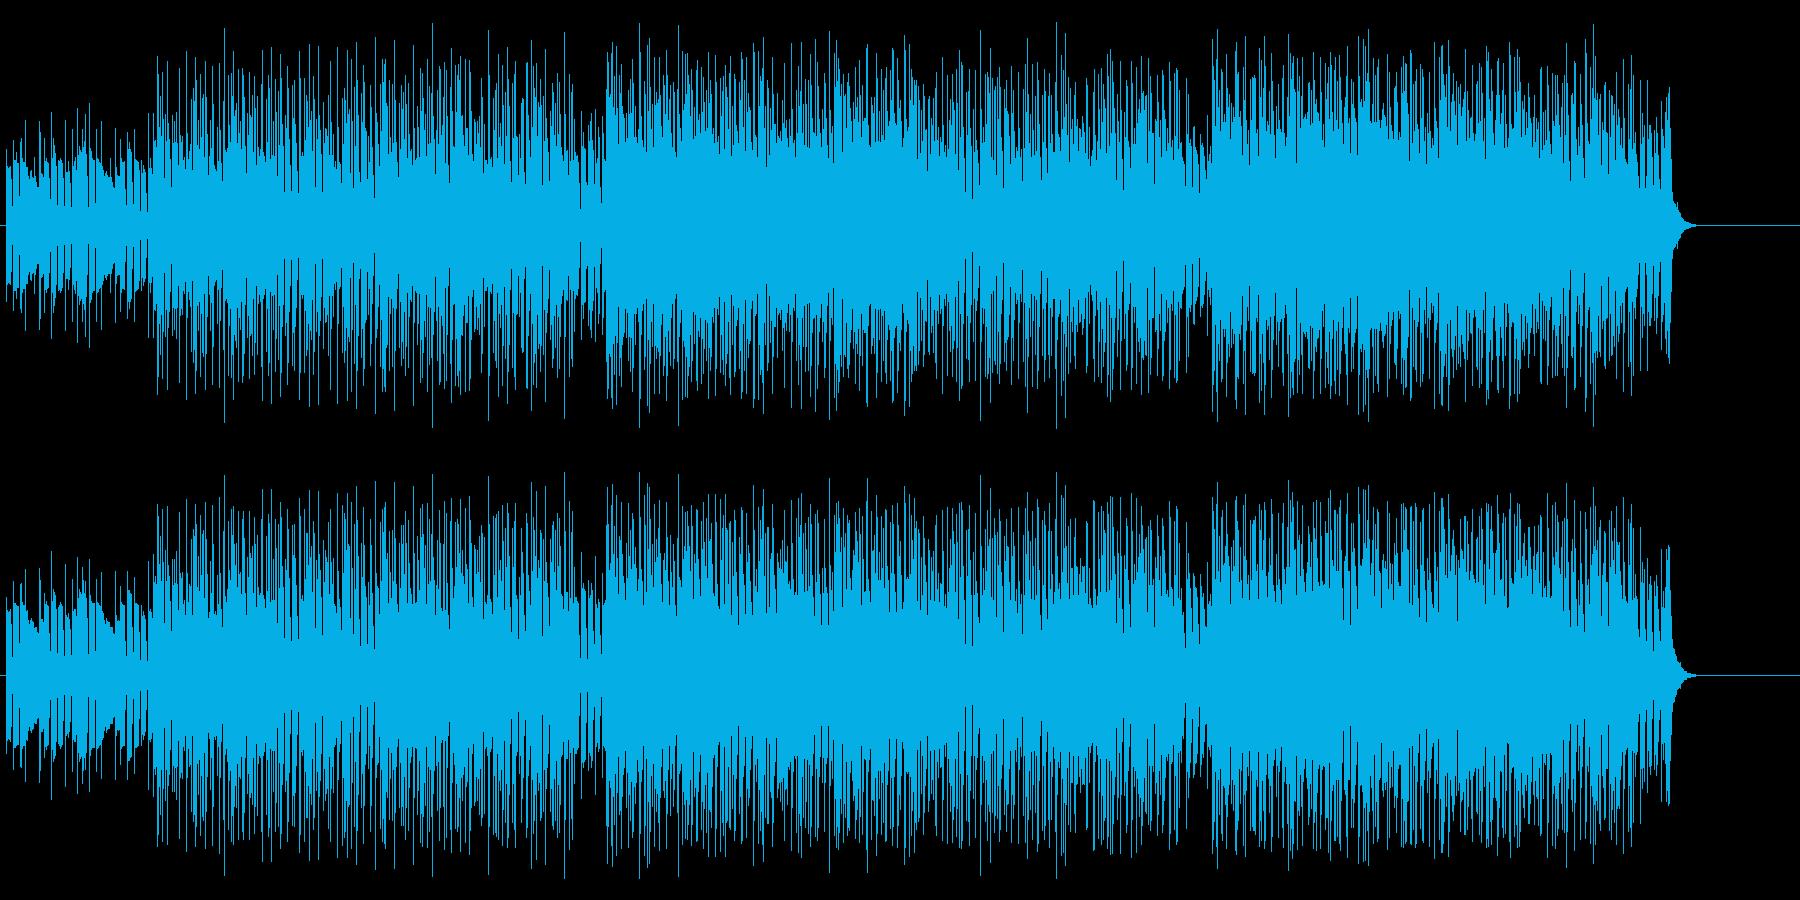 セクシーなダンスサウンドの再生済みの波形